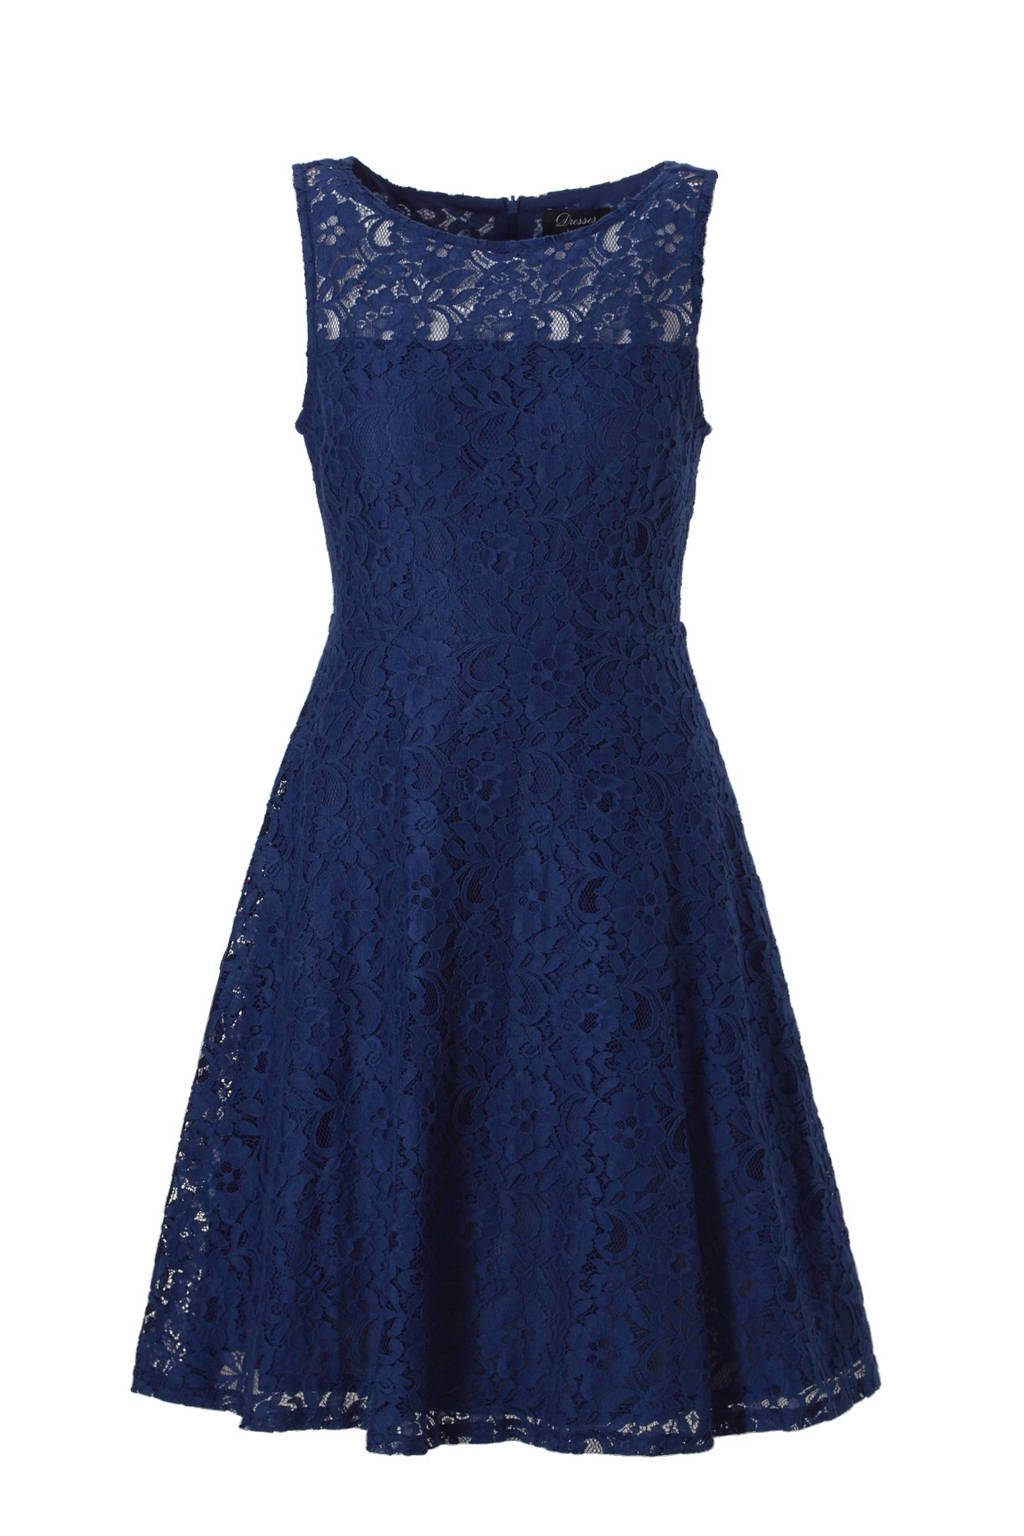 Beste C&A Yessica kanten jurk blauw   wehkamp SL-95